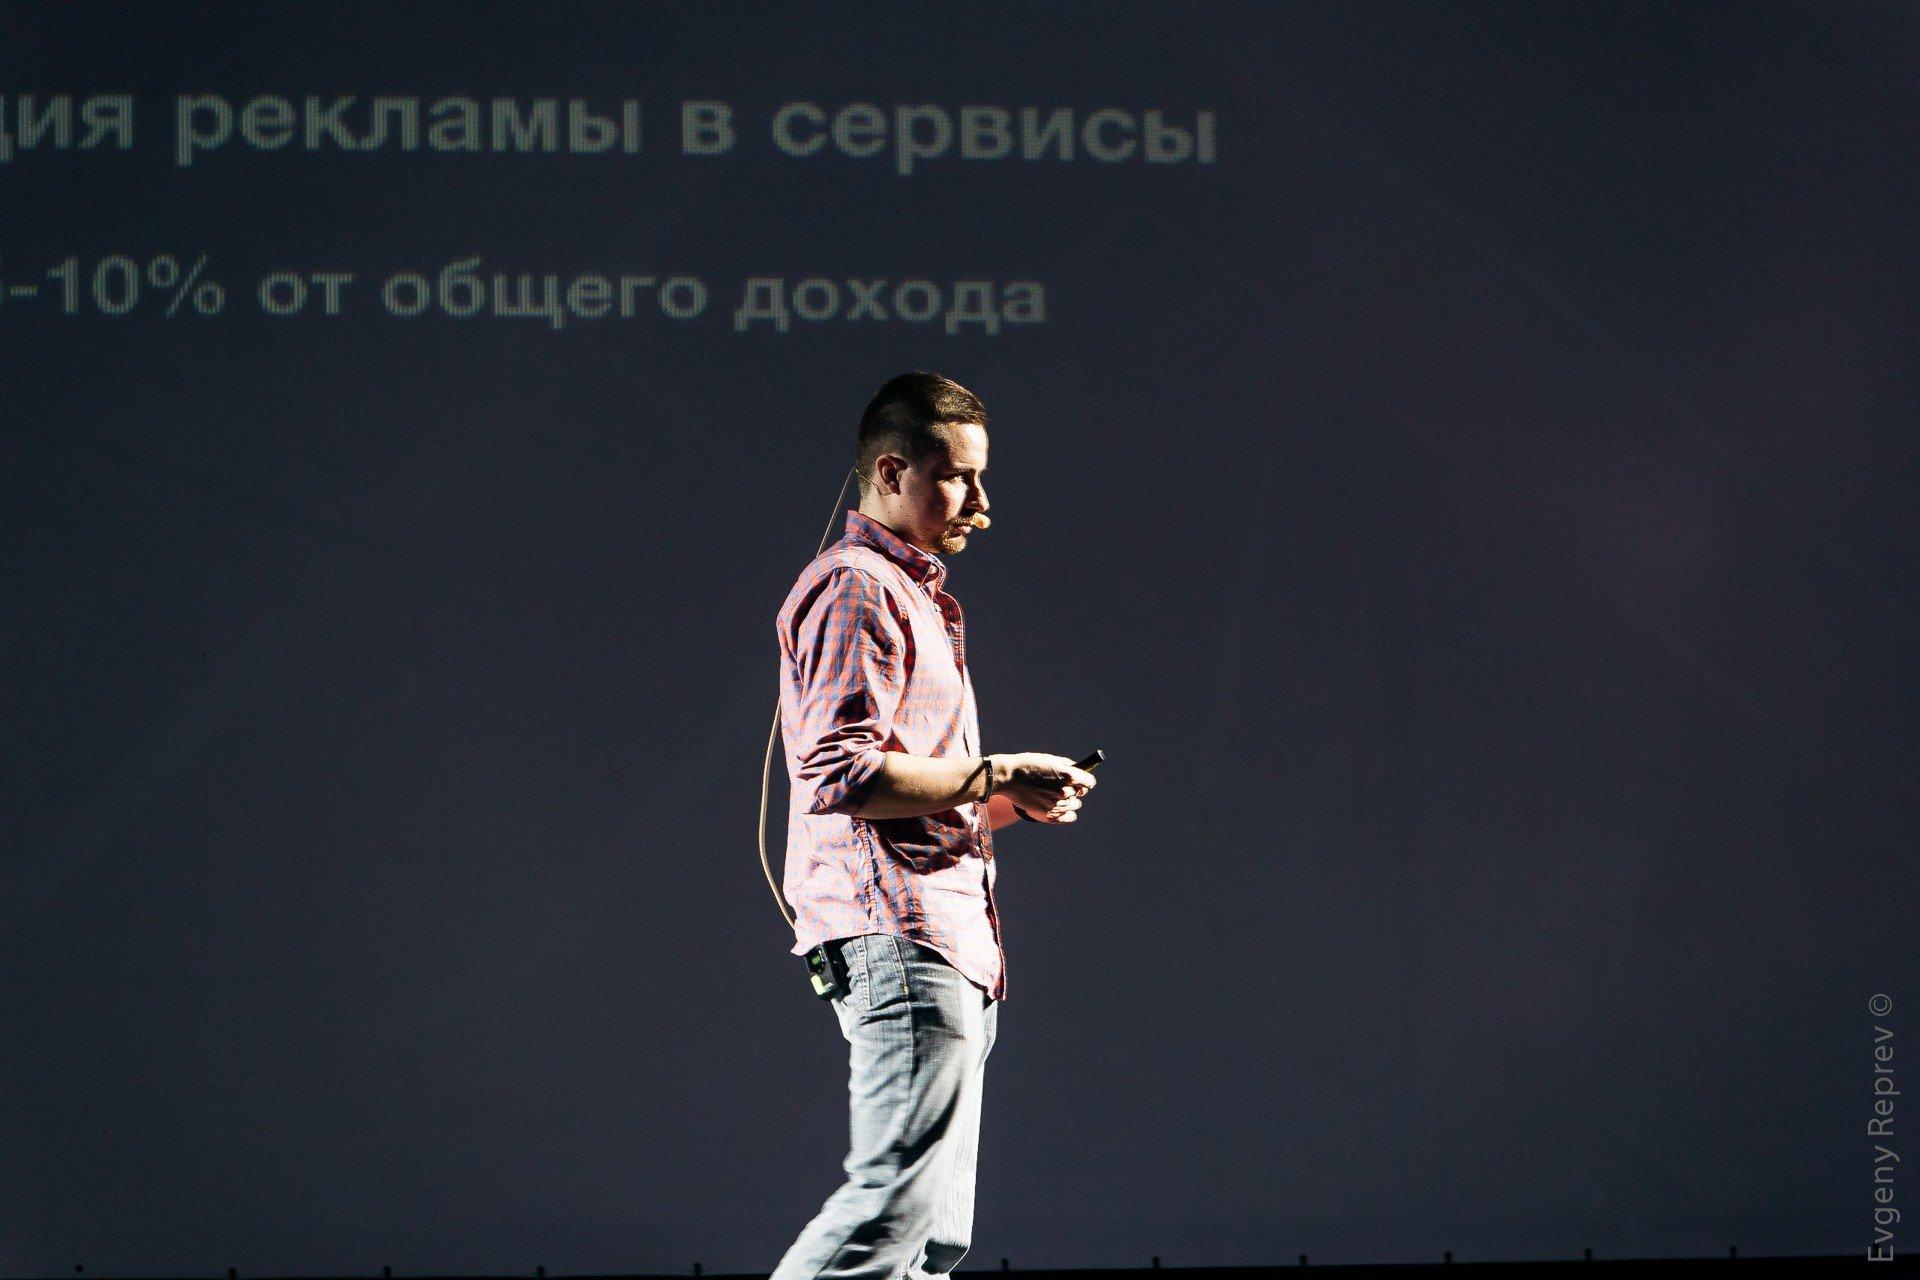 Интервью с Дмитрием Павловым: 1 млн рублей в месяц на создании информационных сайтов